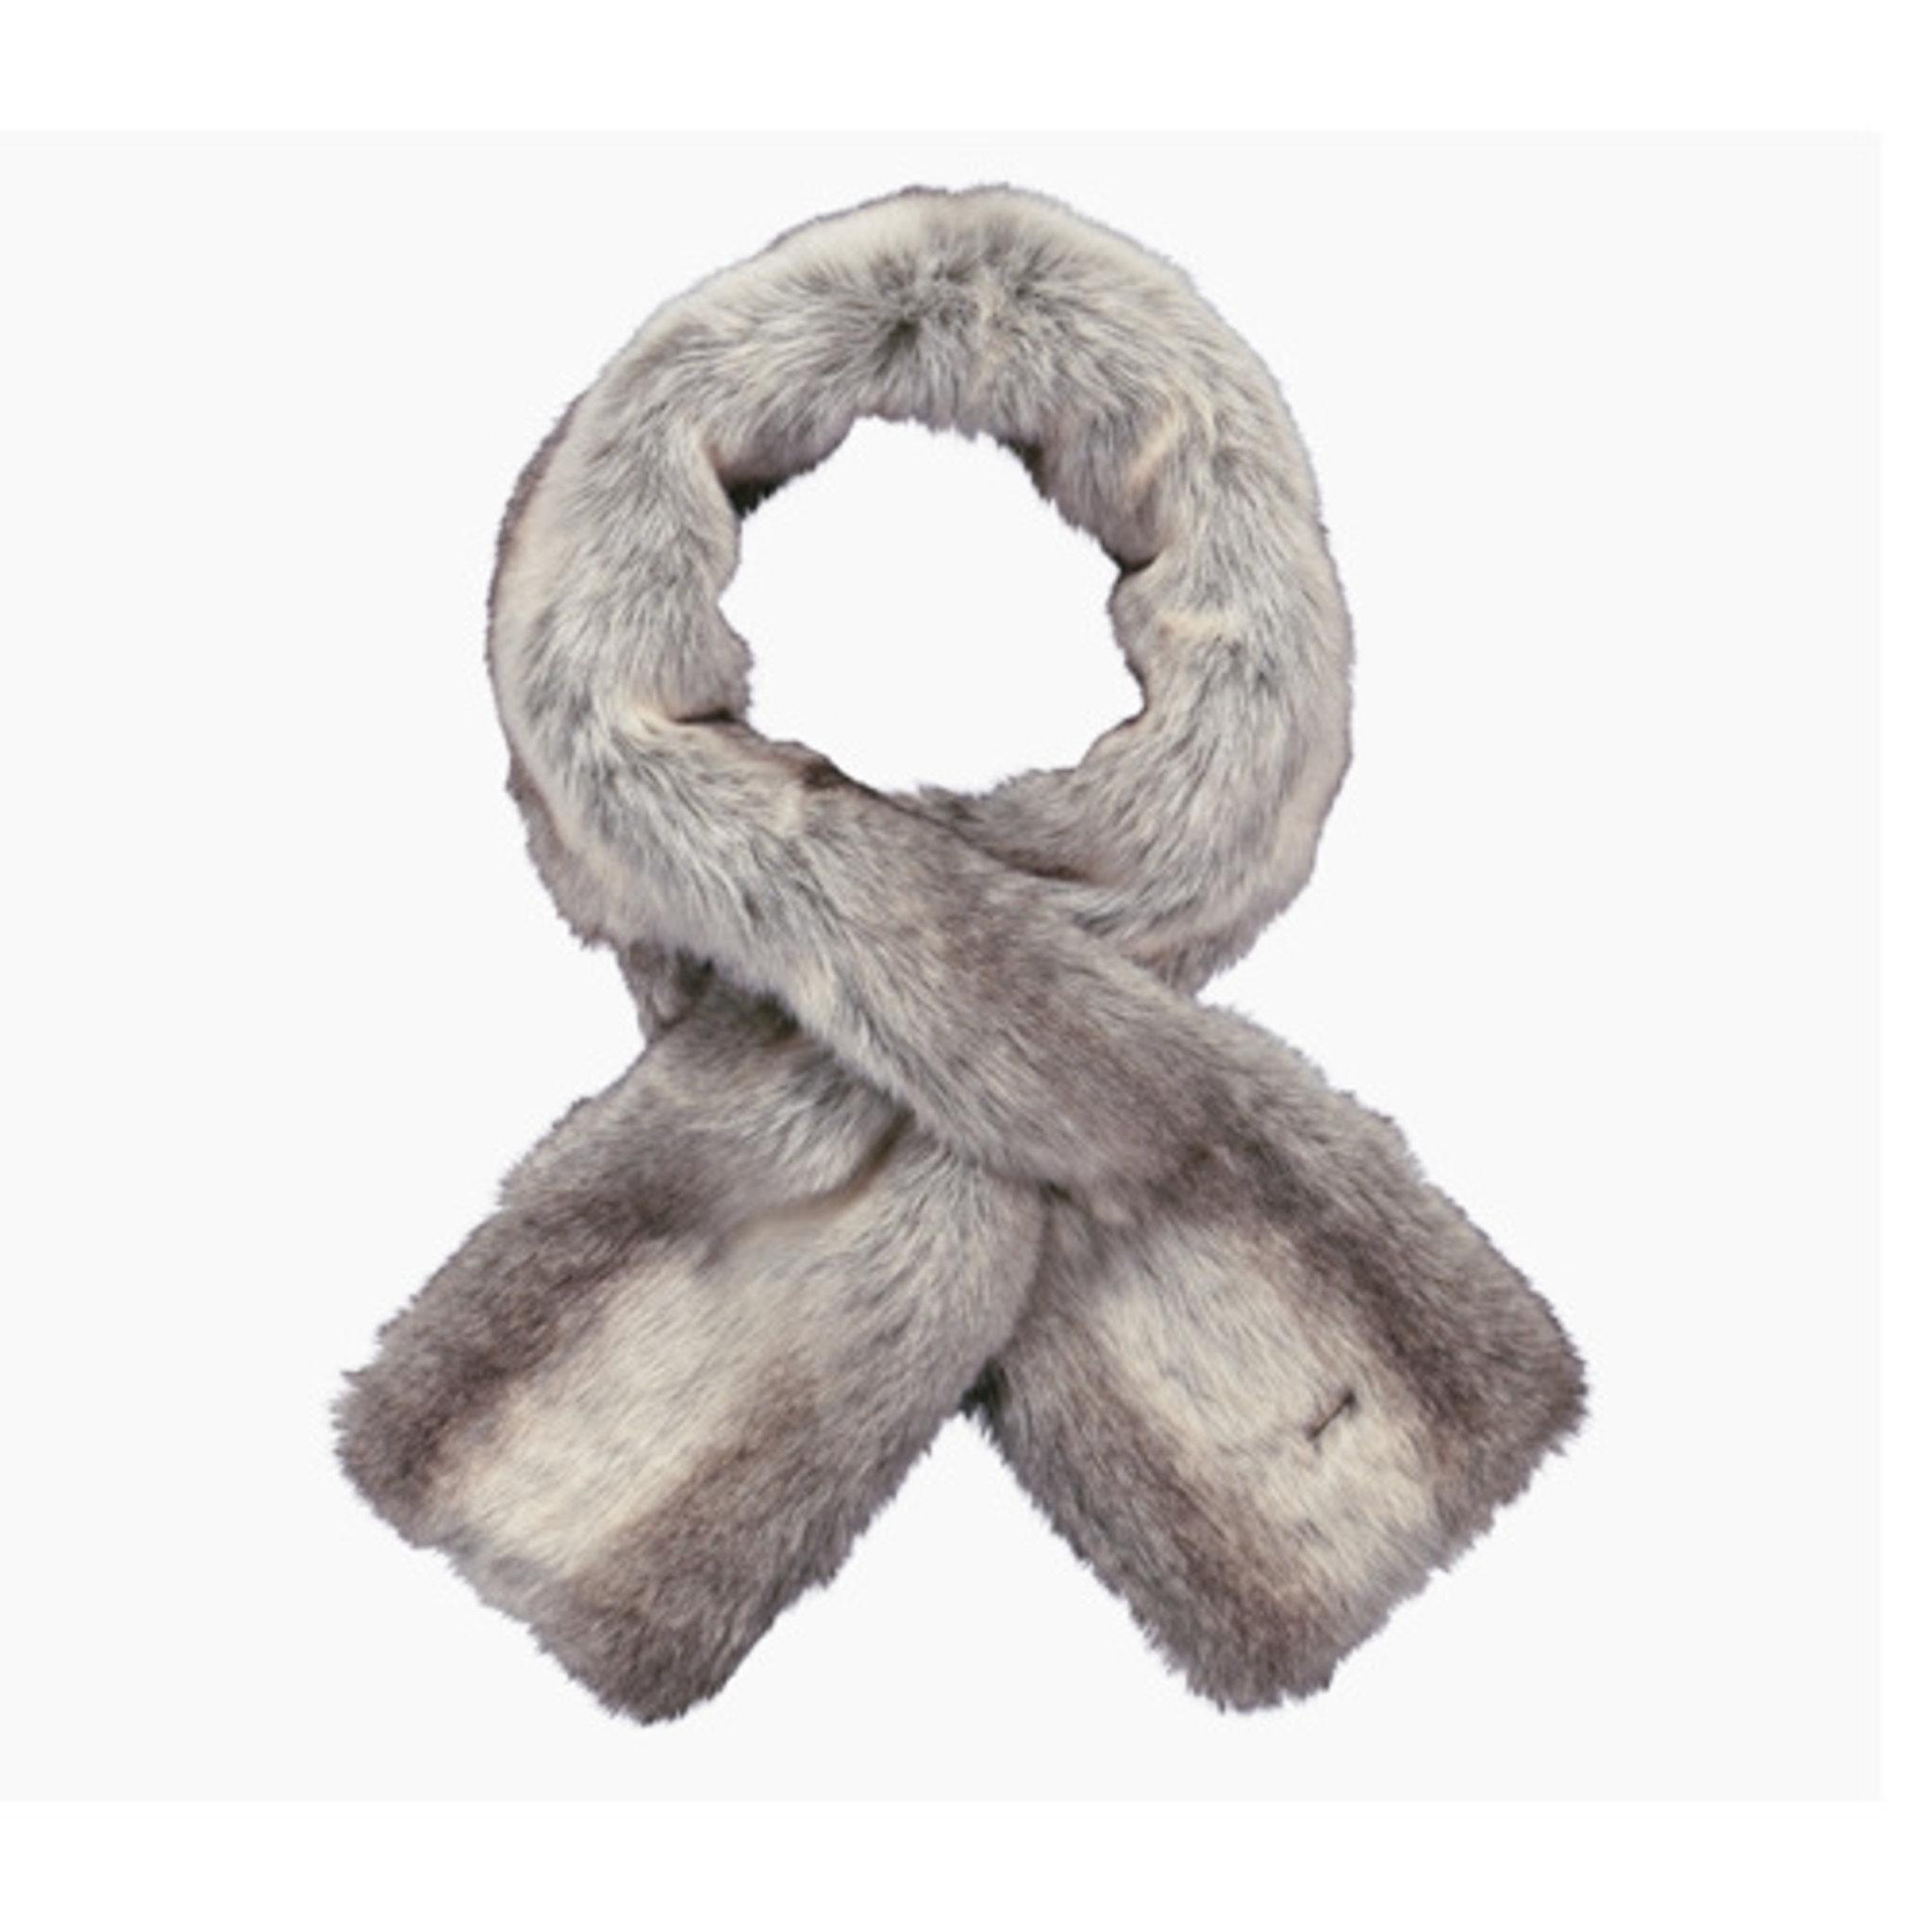 Scarf fuskpäls Holly - Halsdukar   scarves - Köp online på åhlens.se! 665d94323a42b